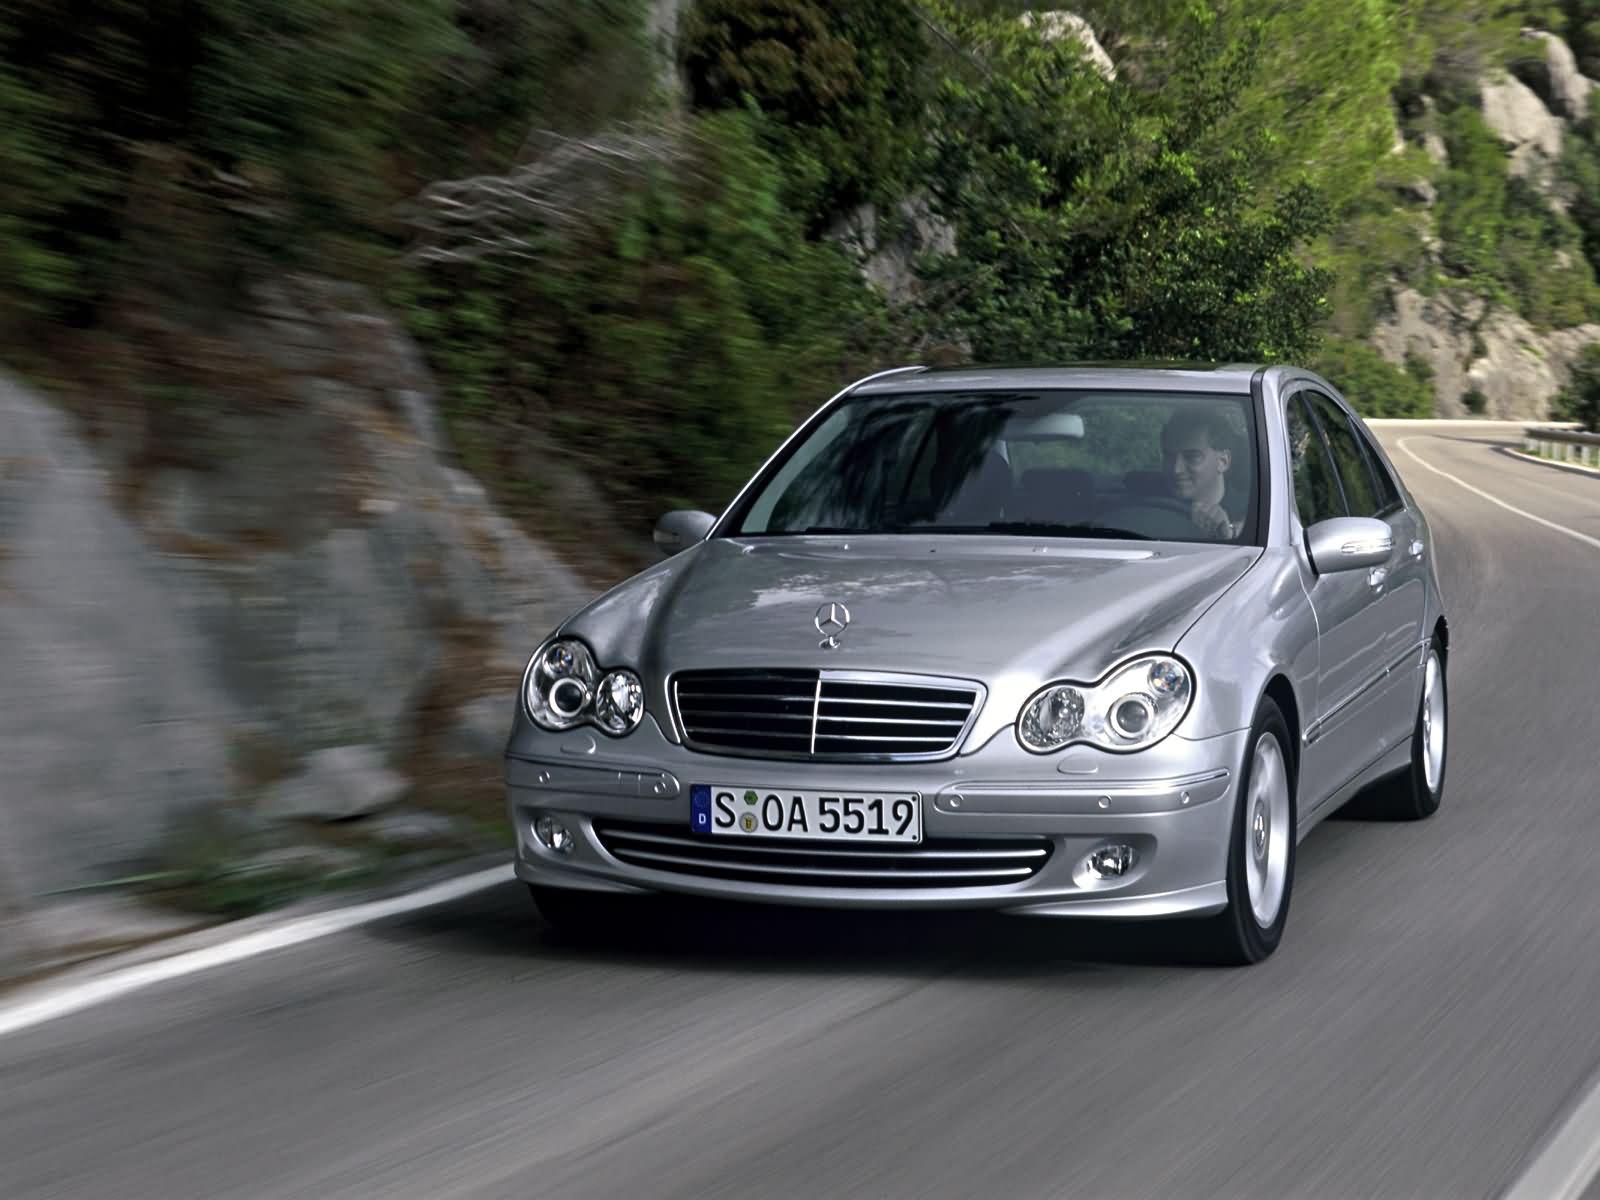 Mercedes_Benz-C_Class_W203_mp35_pic_10825